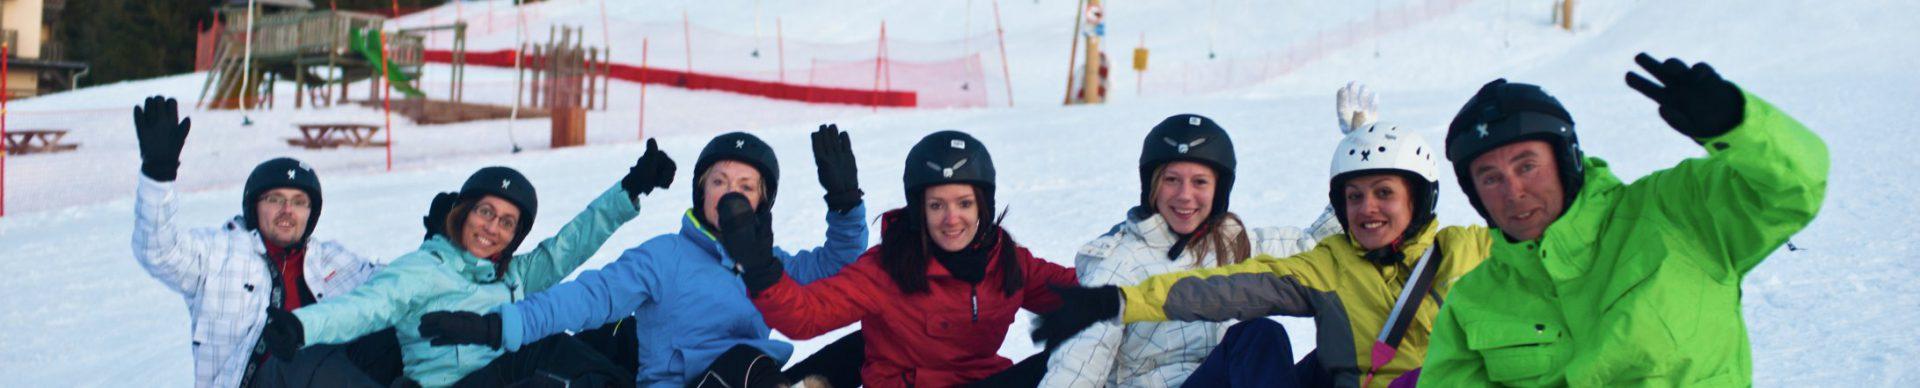 Descente en luge en station de ski